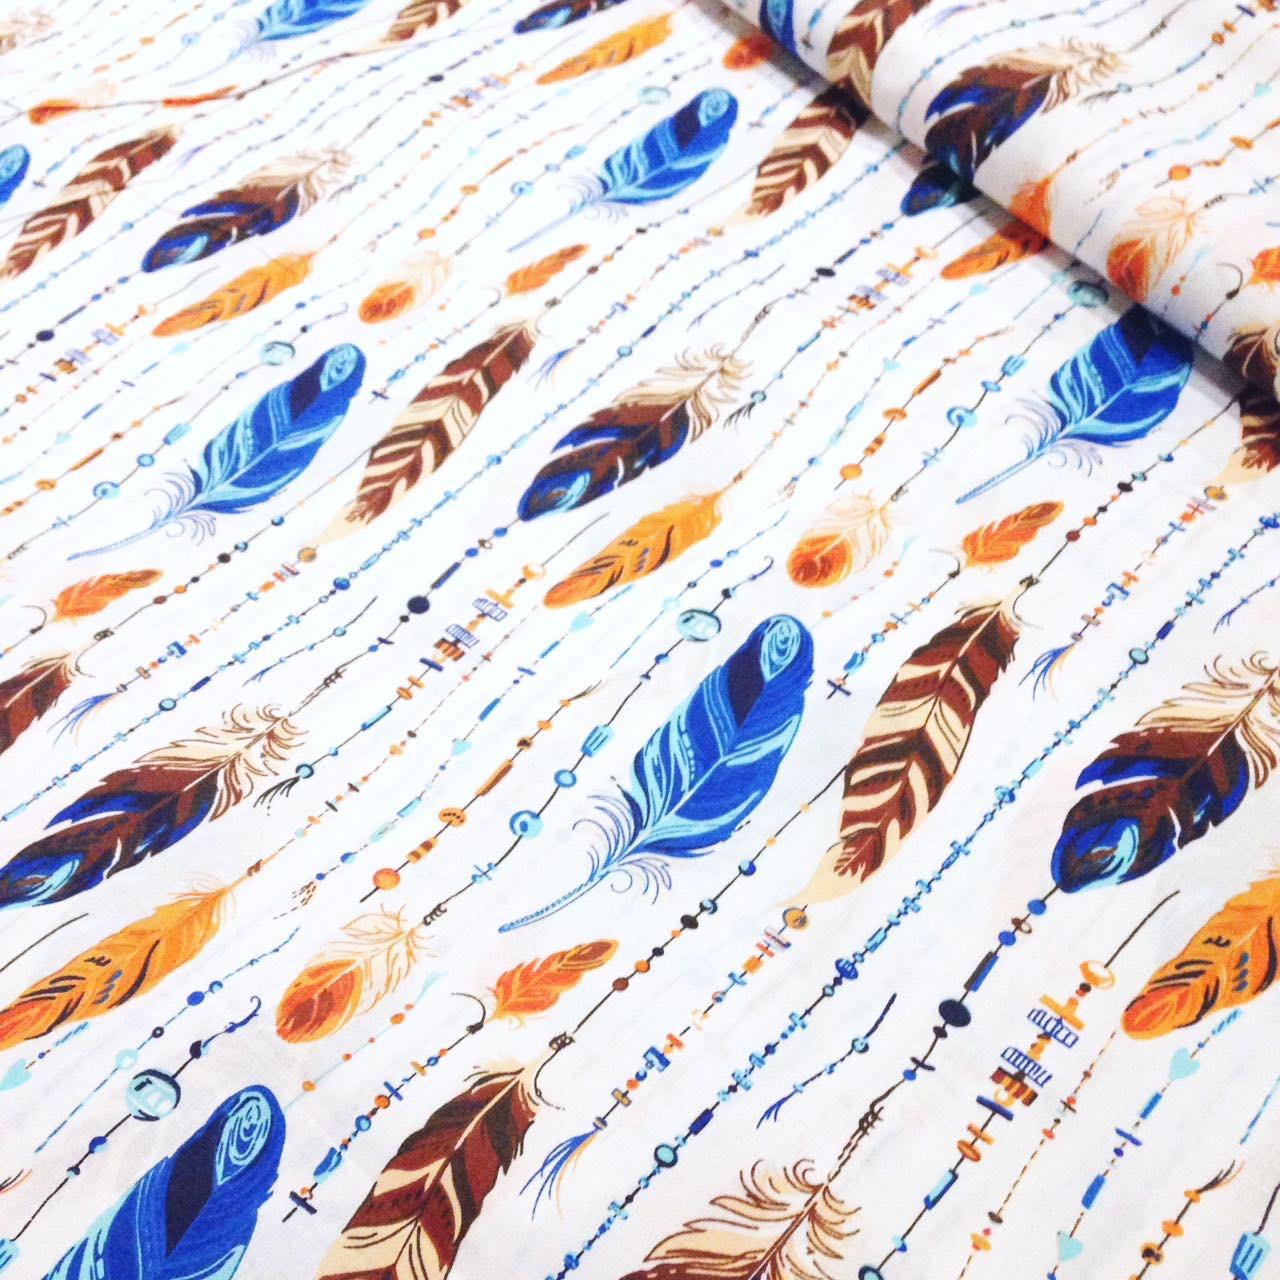 Хлопковая ткань с бирюзово-оранжевыми перышками №340 - Интернет-магазин « метр Ткани» в Киеве